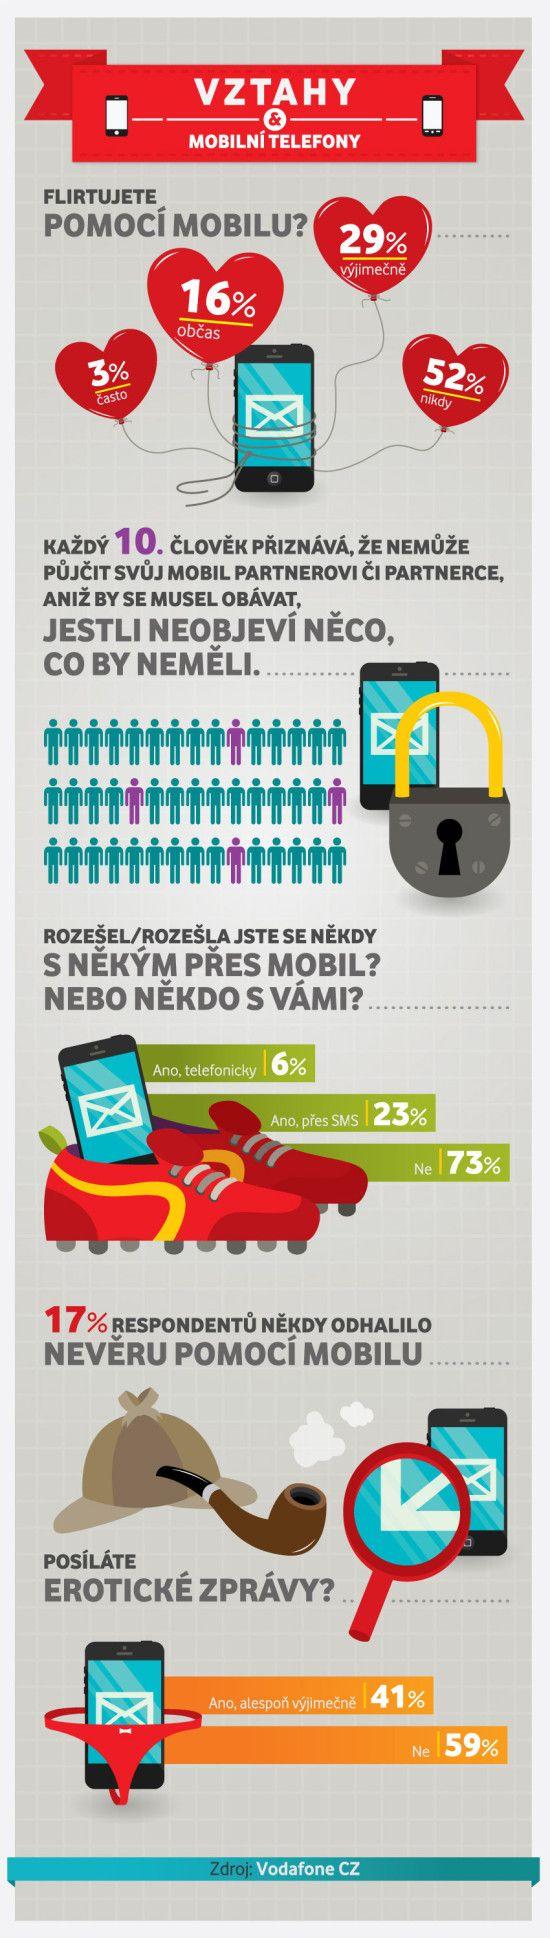 Vztahy a mobilní telefony (VZTAHY A MOBILNÍ TELEFONY – INFOGRAFIKA)